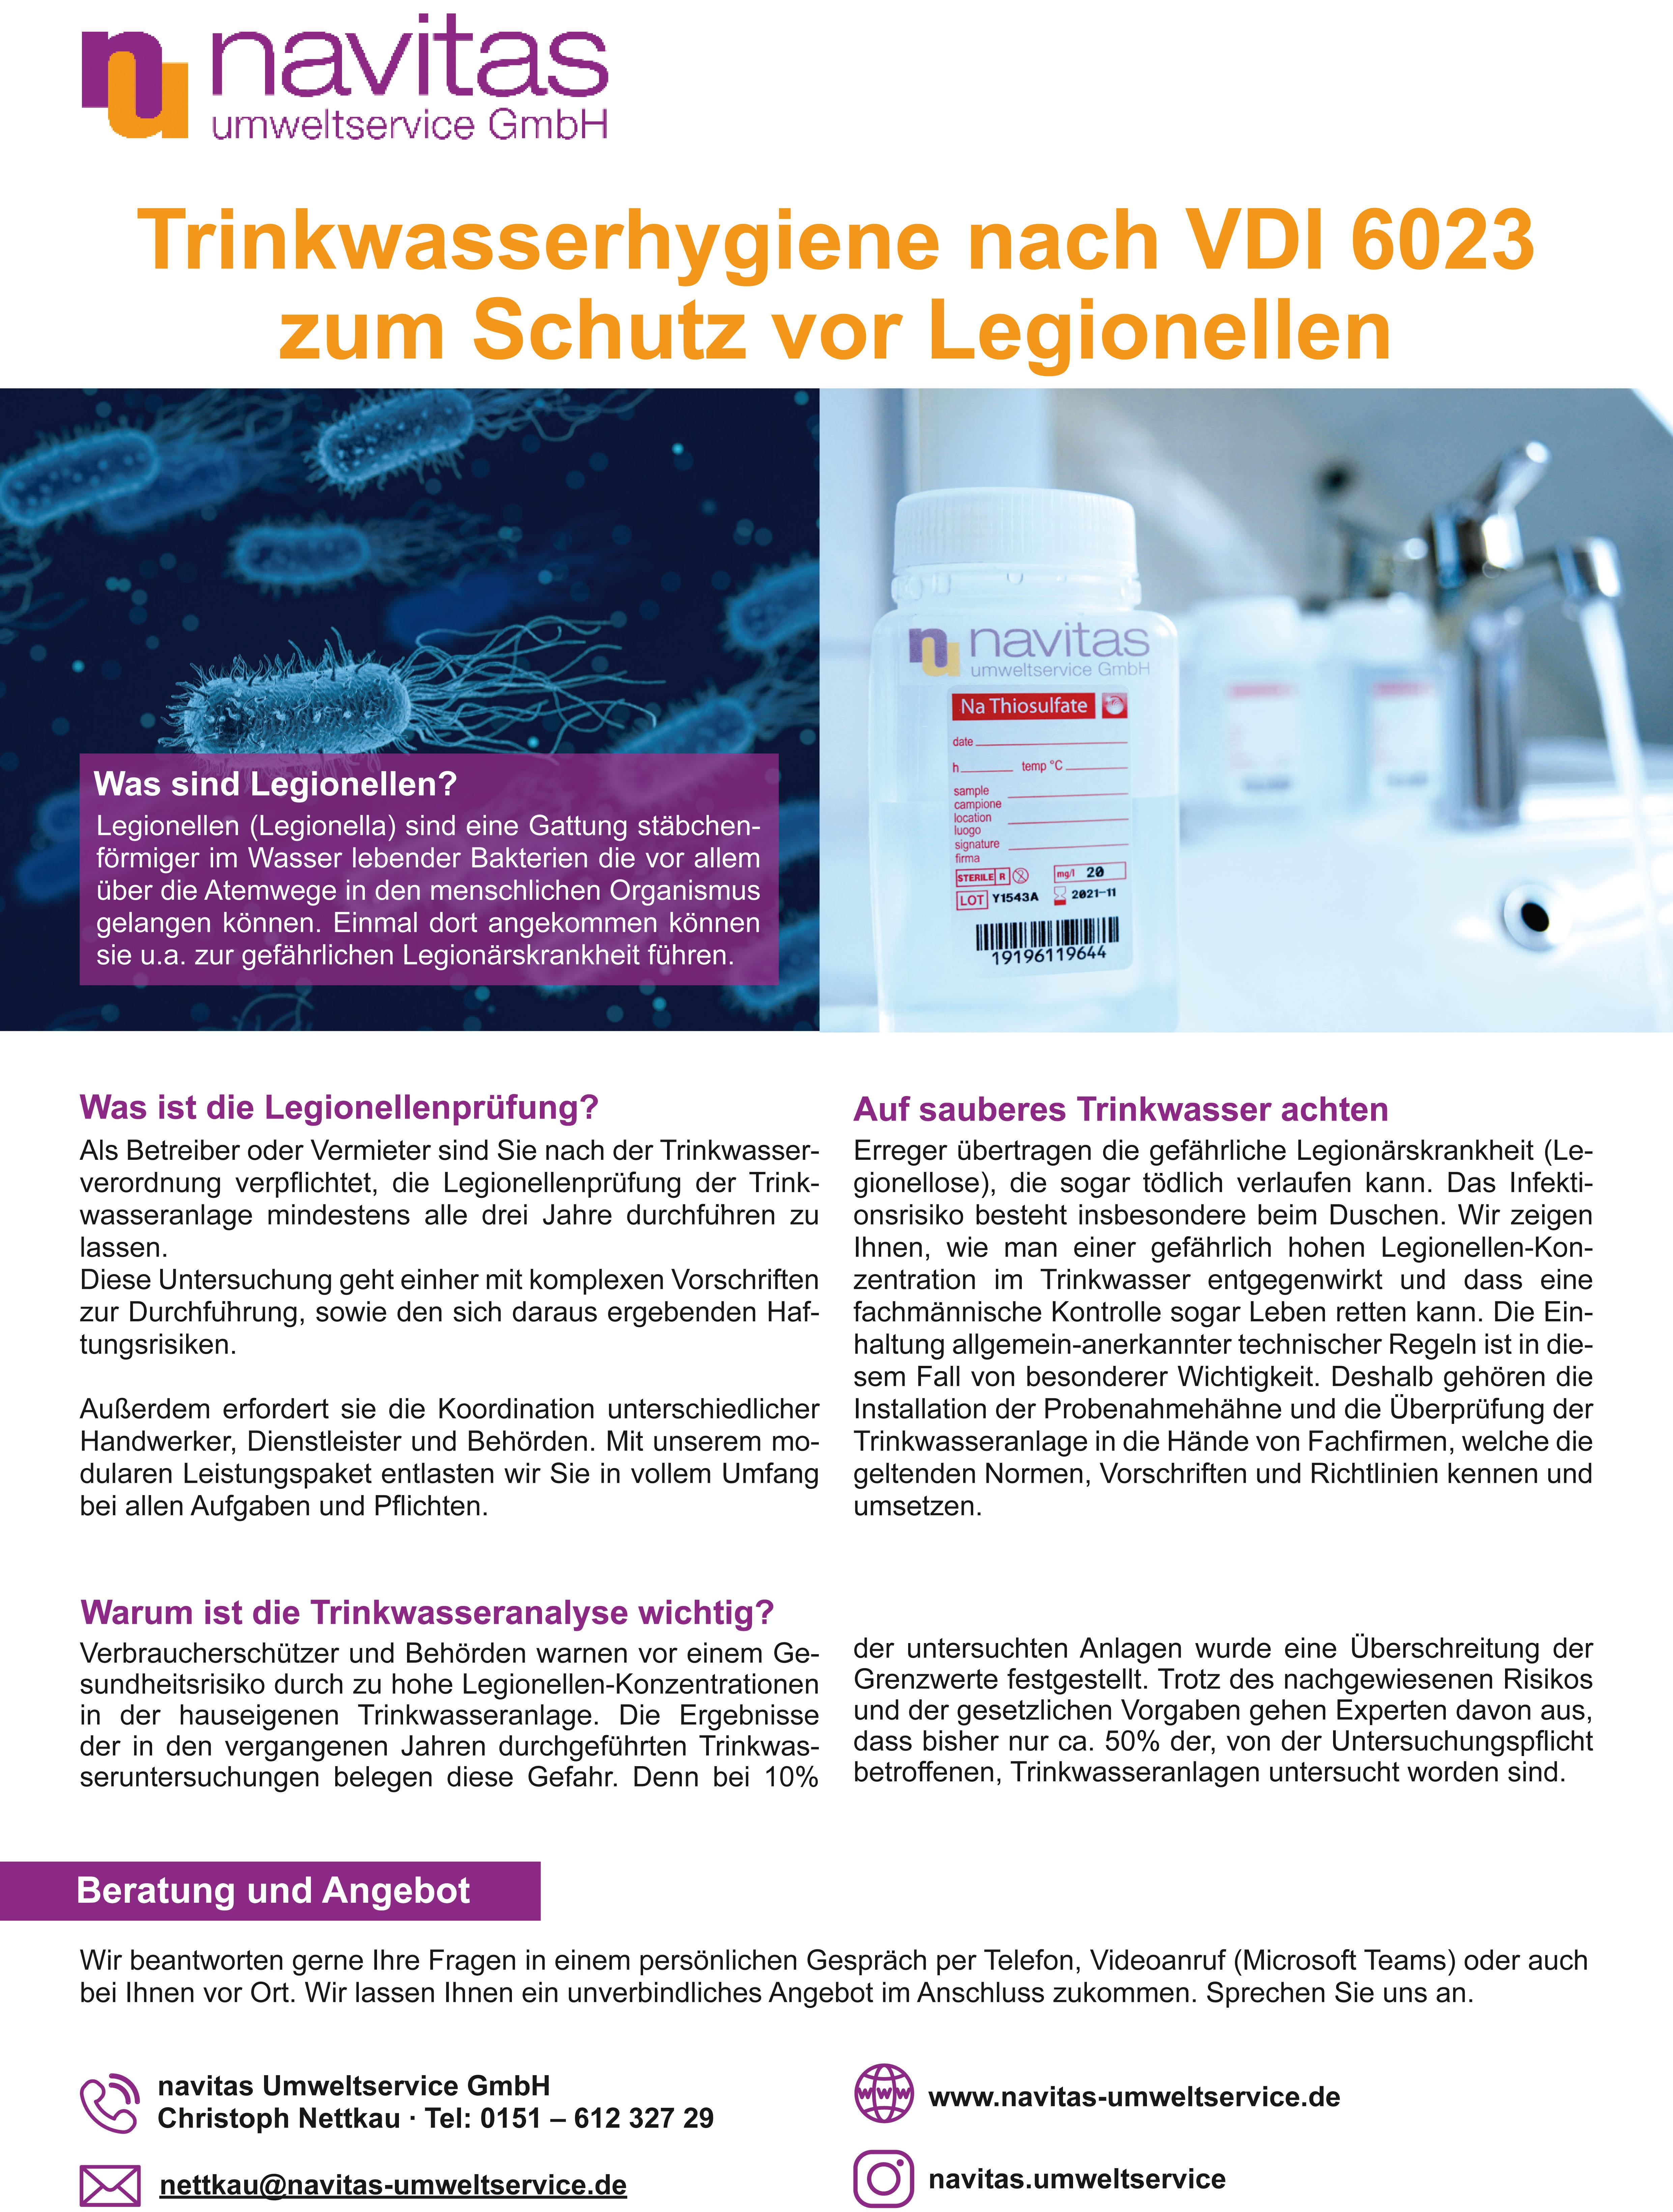 Flyer_Trinkwasserhygiene